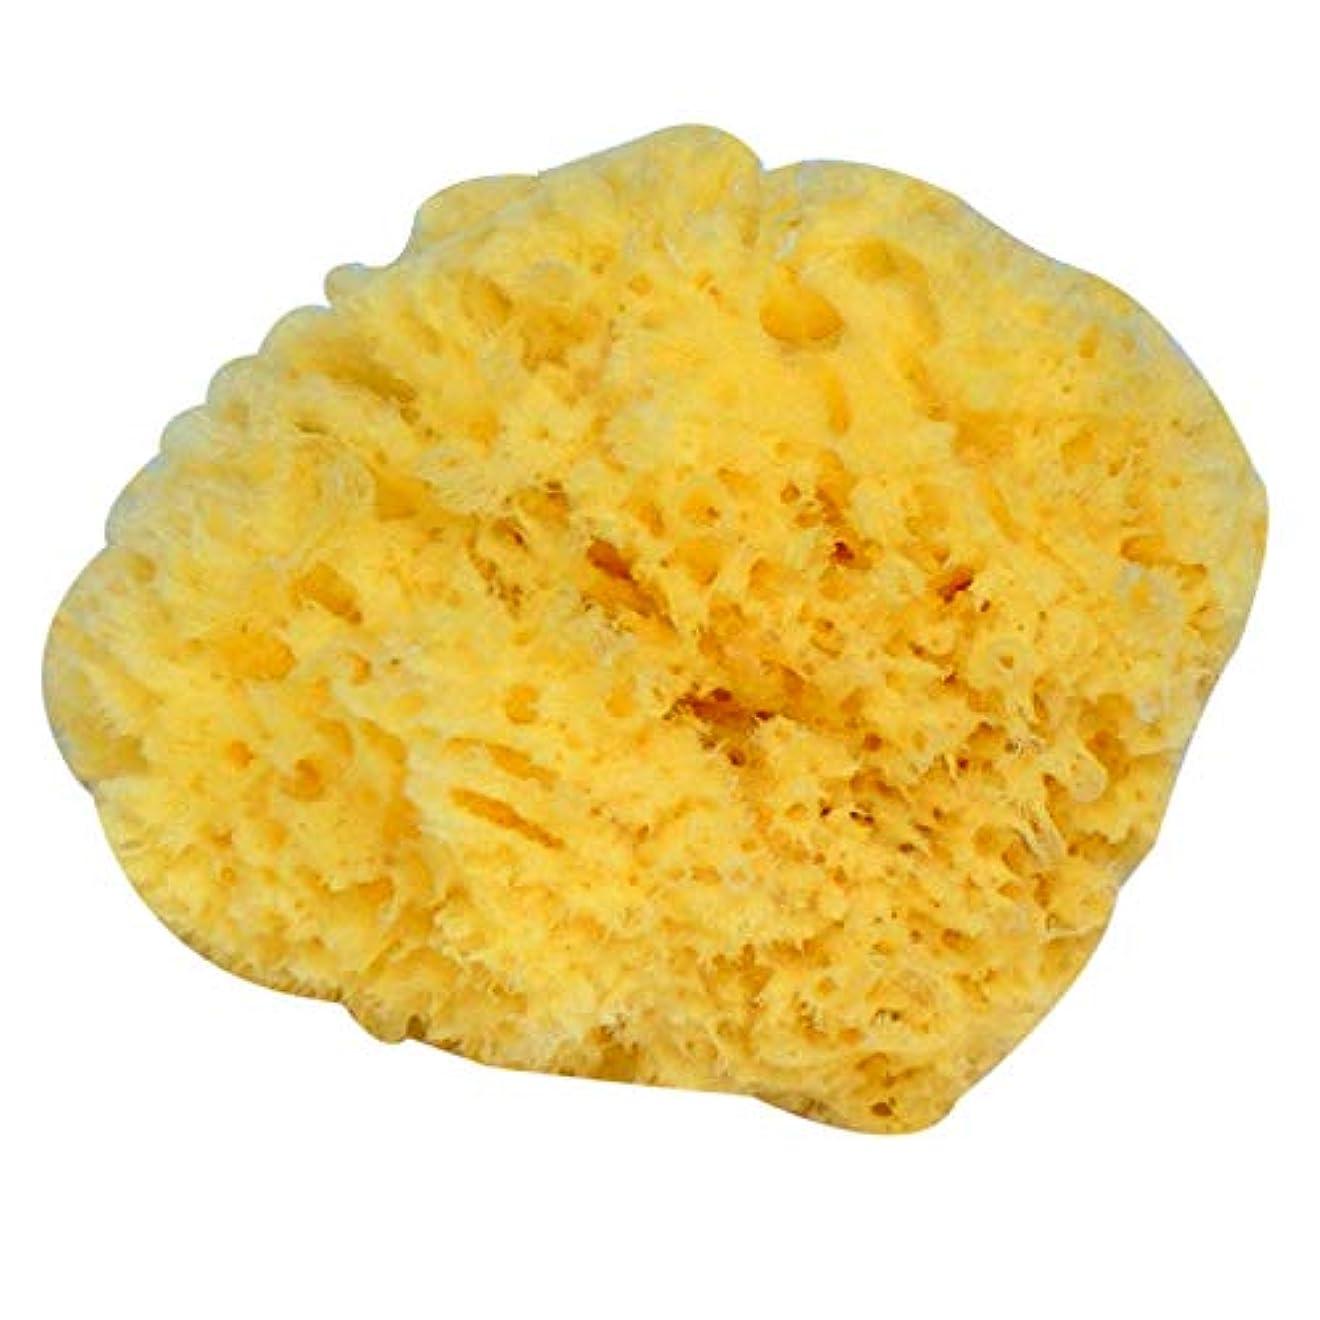 とげのあるファックス割れ目SODIAL 自然な黄色い海草のスポンジ。 お風呂、シャワー、ボディケア用。柔らかく荒いが、皮膚を刺激しない。